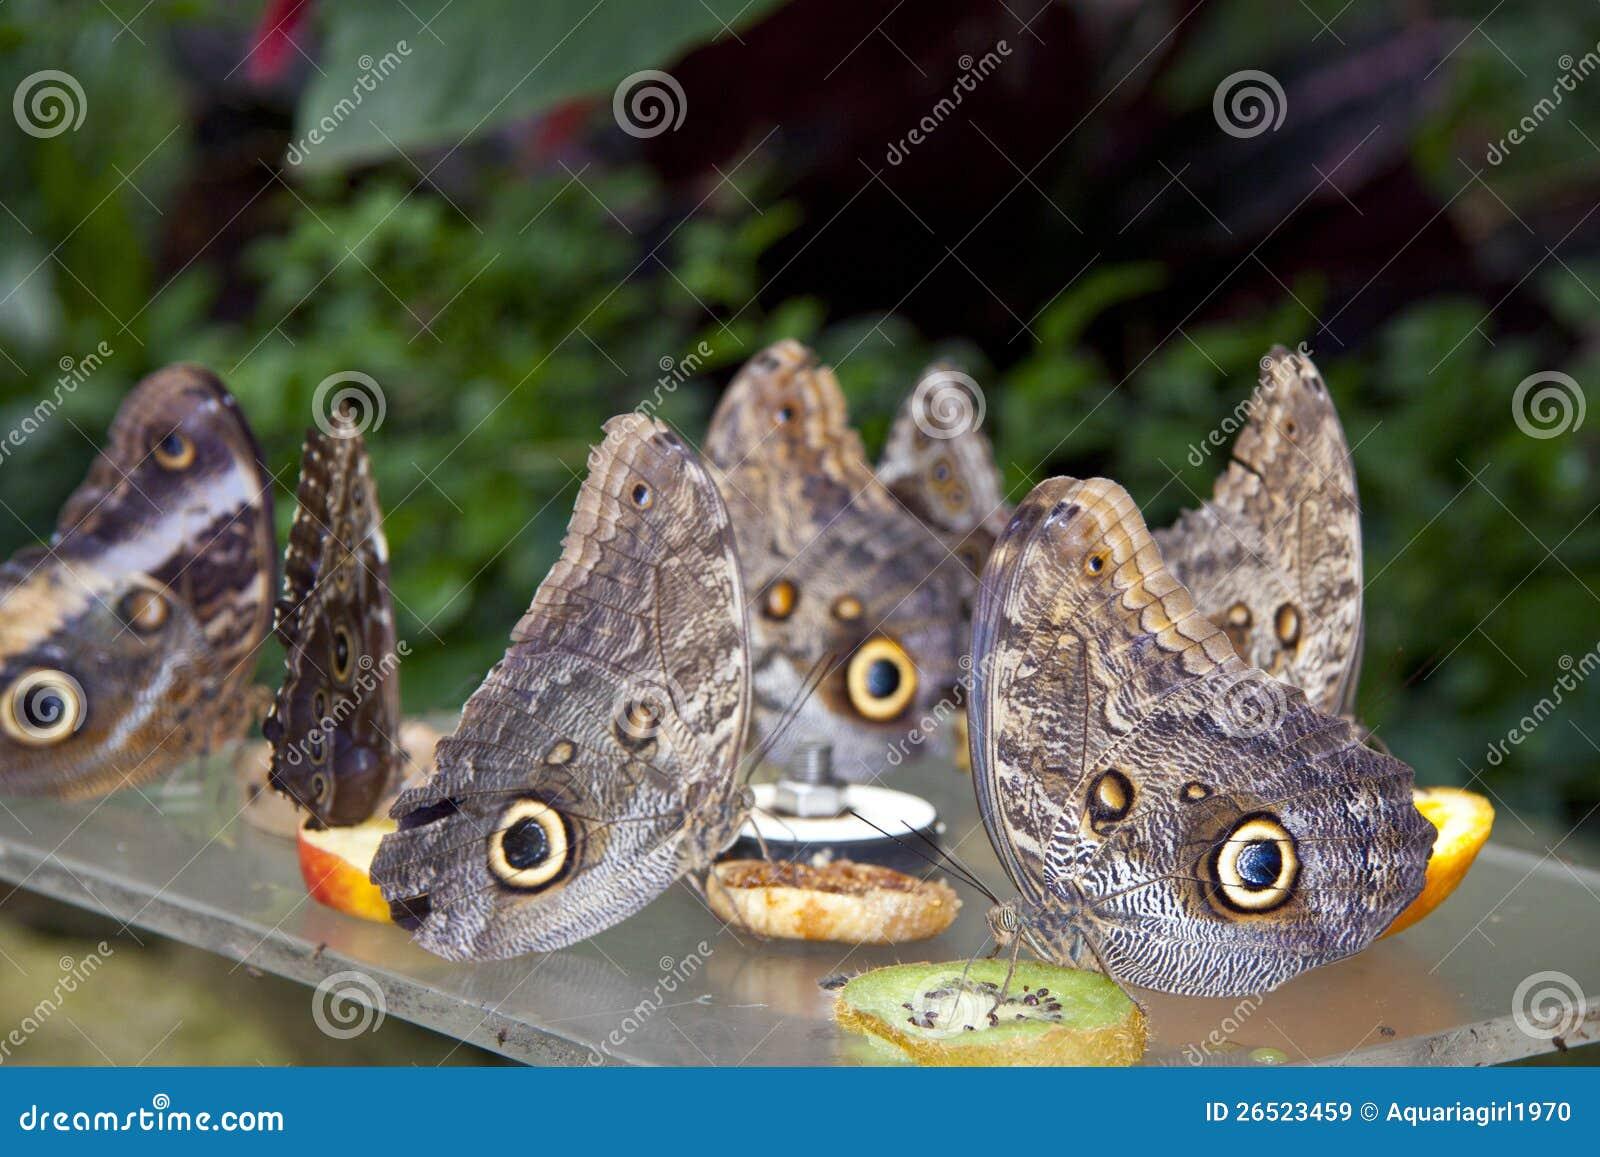 Nymphalidaes do grupo